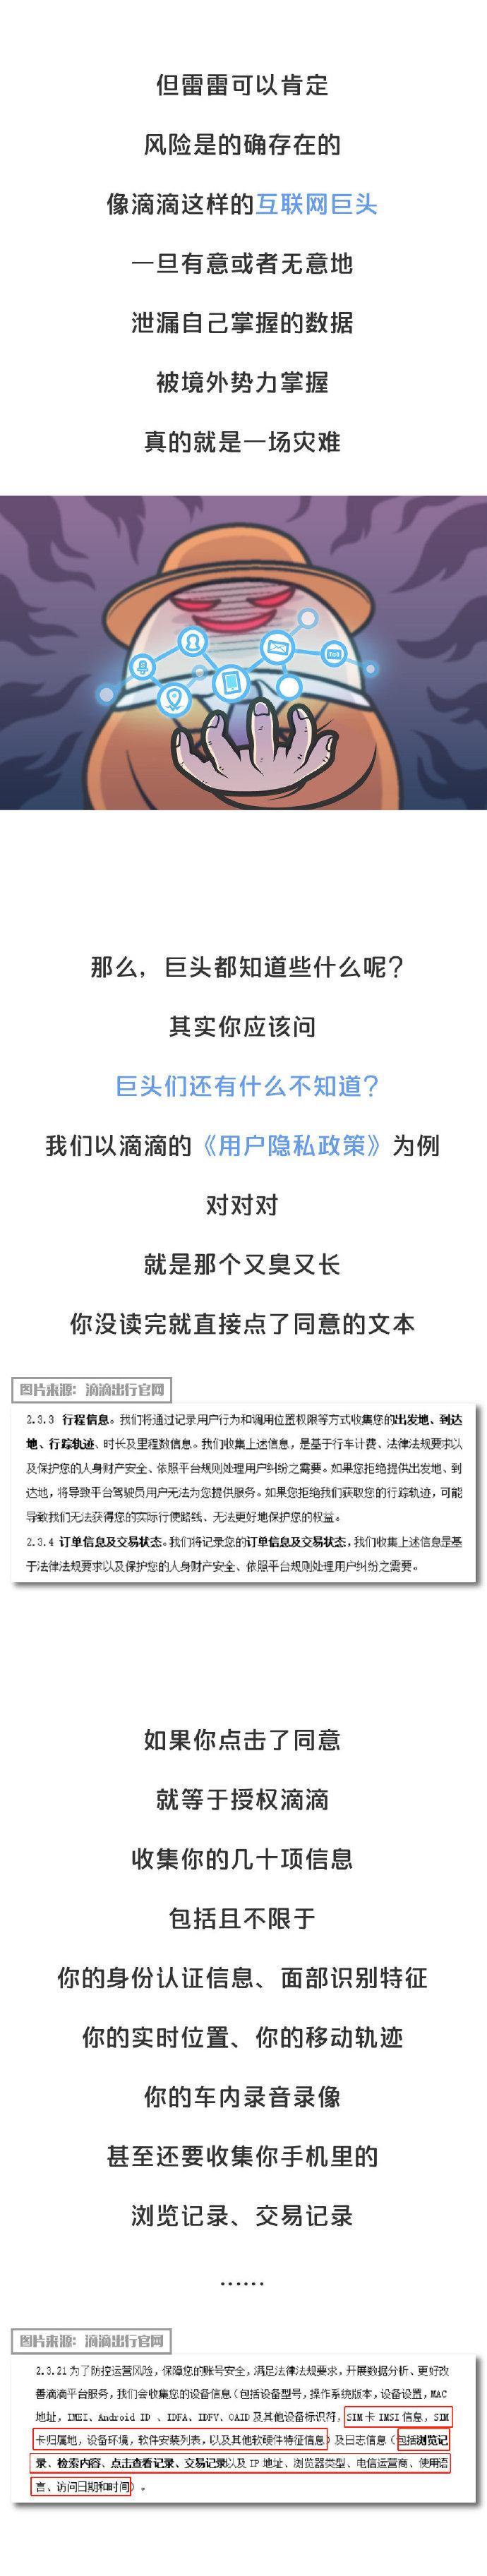 """滴滴被查的背后:中国的""""最高机密"""",在互联网巨头手里"""